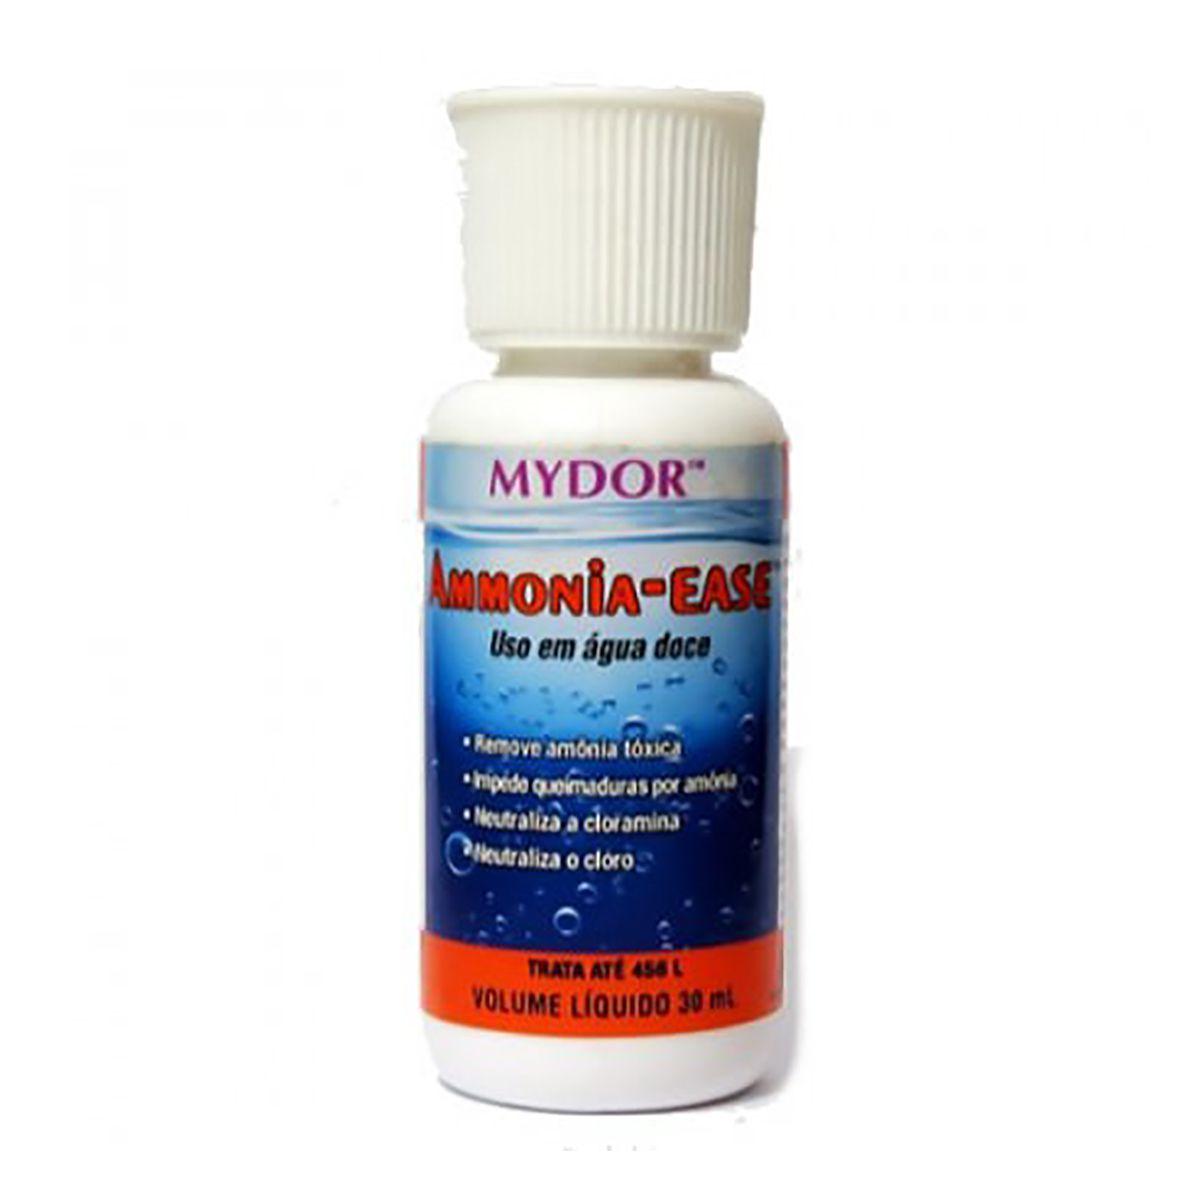 Mydor Ammonia Ease 30ml Removedor de Amônia para Aquários